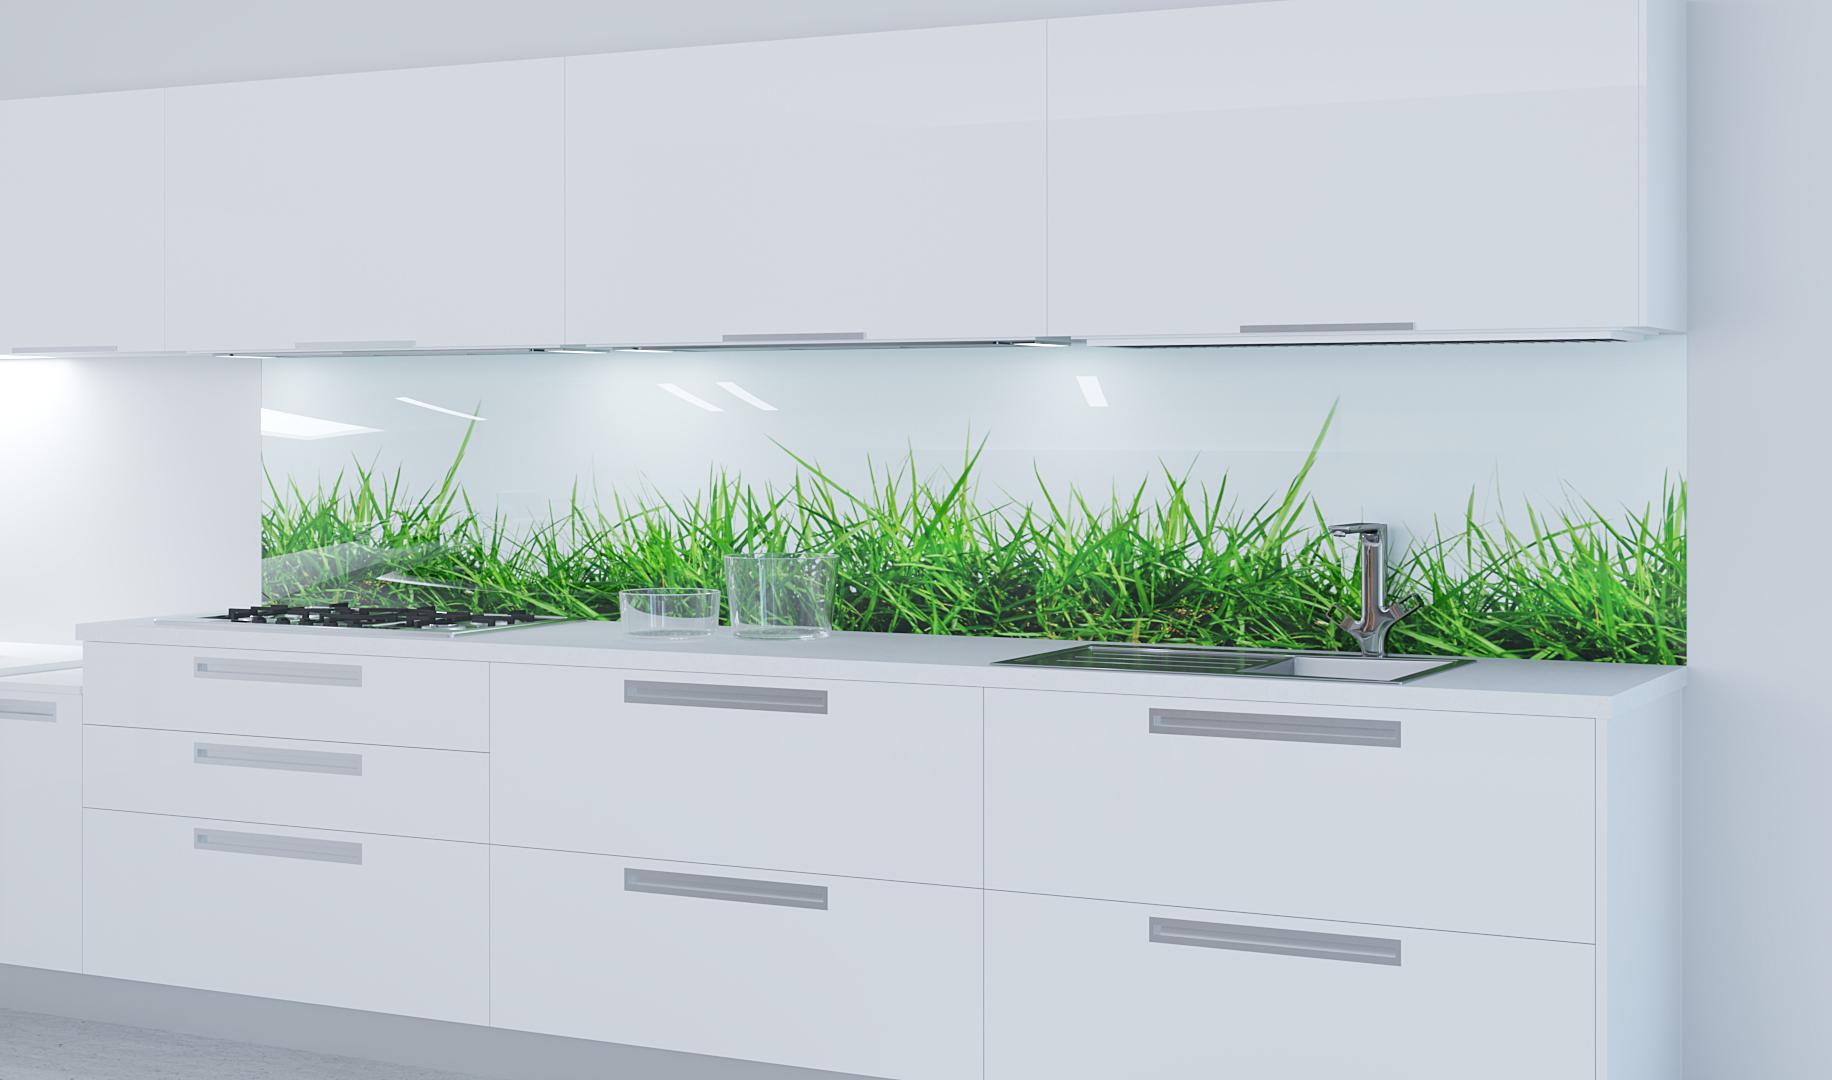 Glasküchenrückwand mit Motivdruck